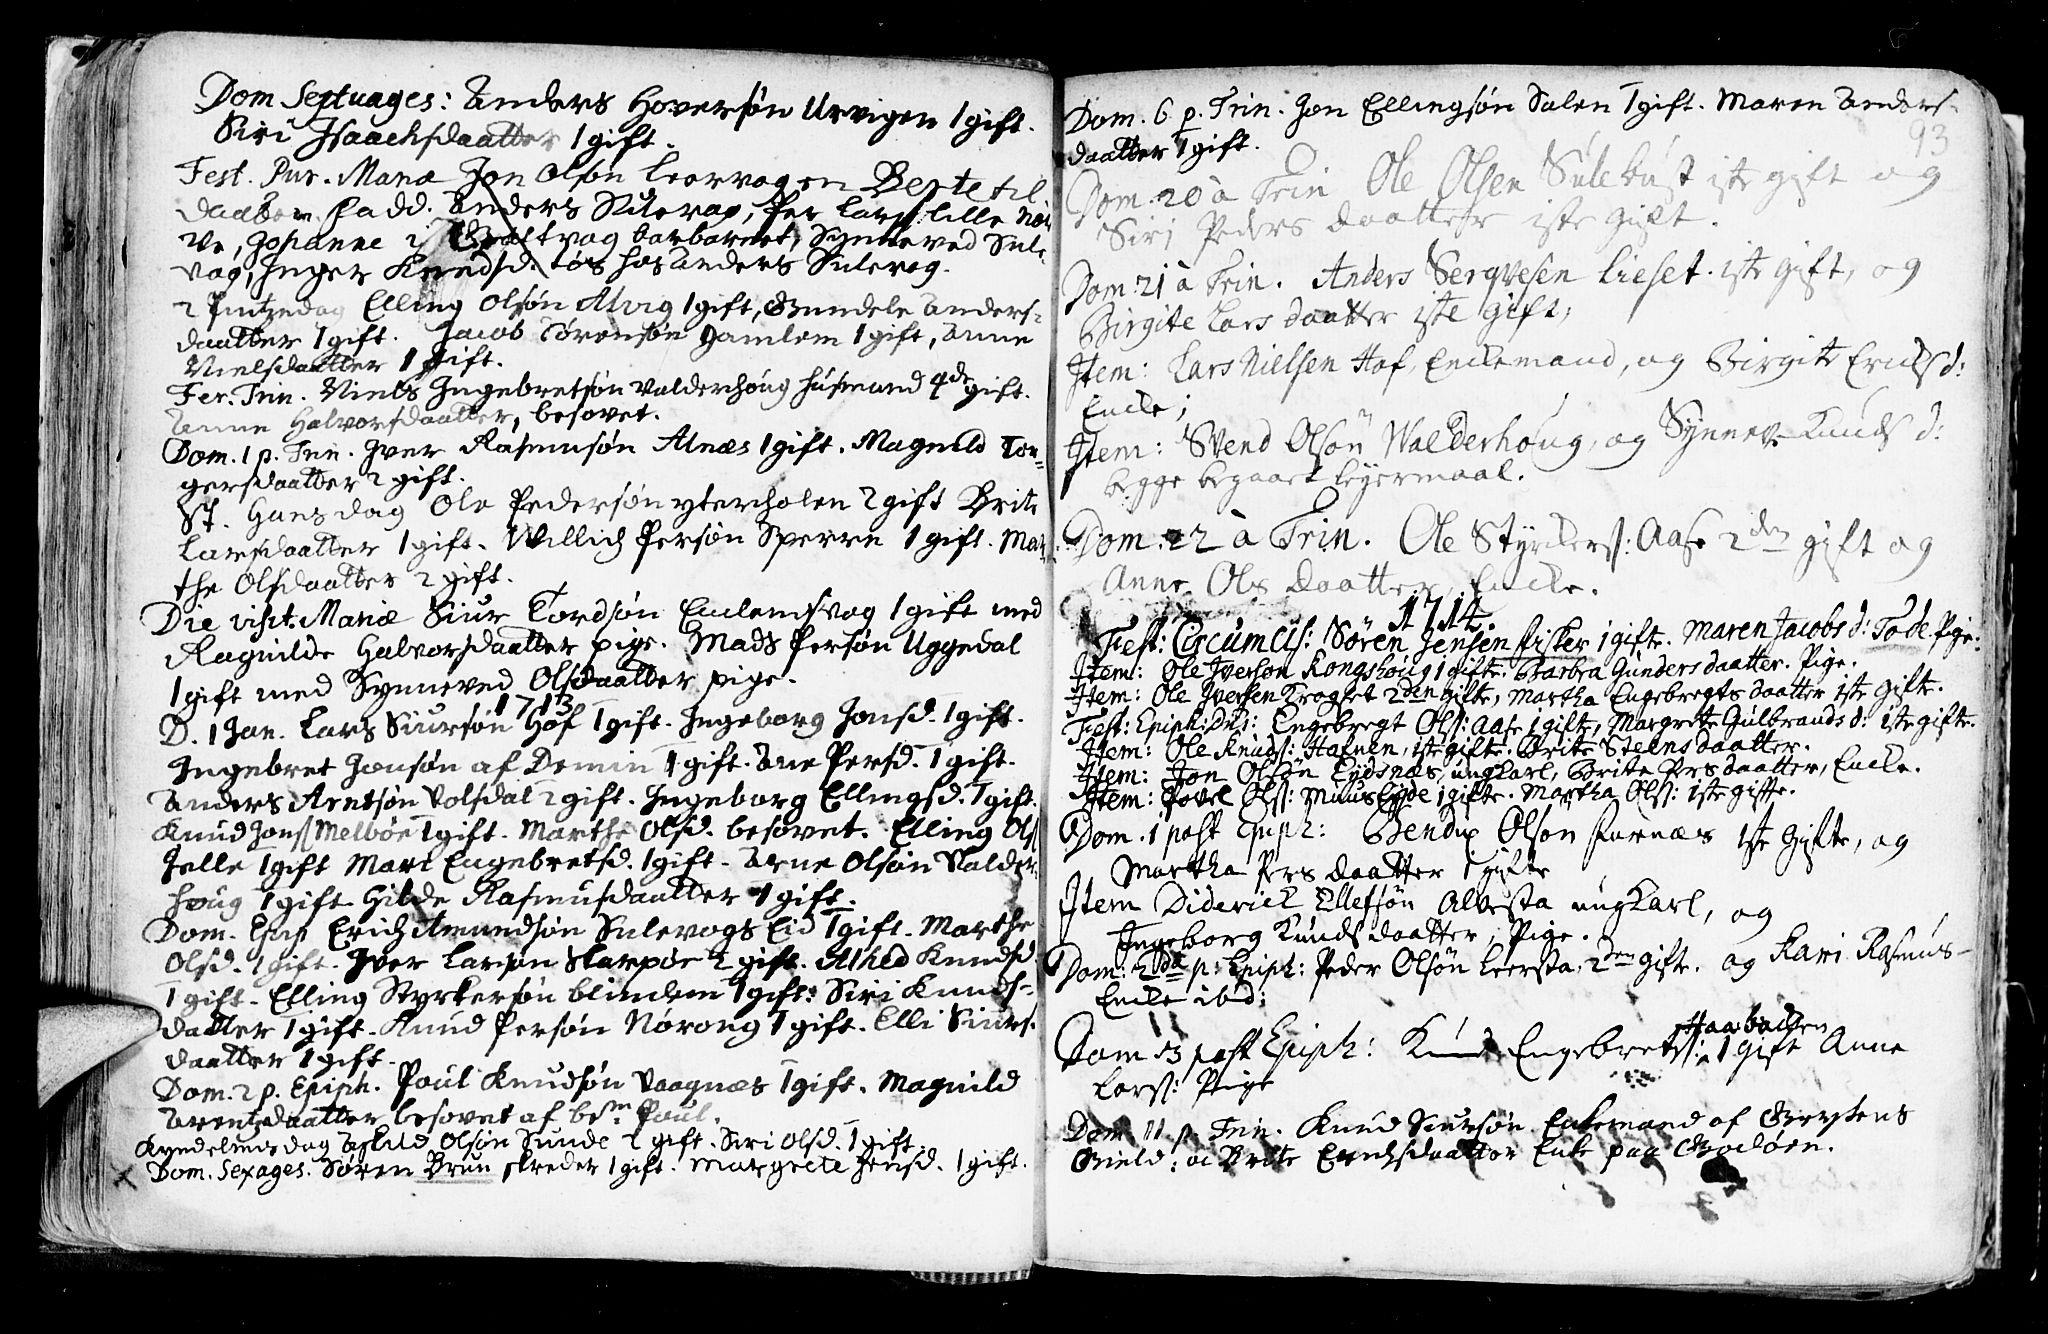 SAT, Ministerialprotokoller, klokkerbøker og fødselsregistre - Møre og Romsdal, 528/L0390: Ministerialbok nr. 528A01, 1698-1739, s. 92-93